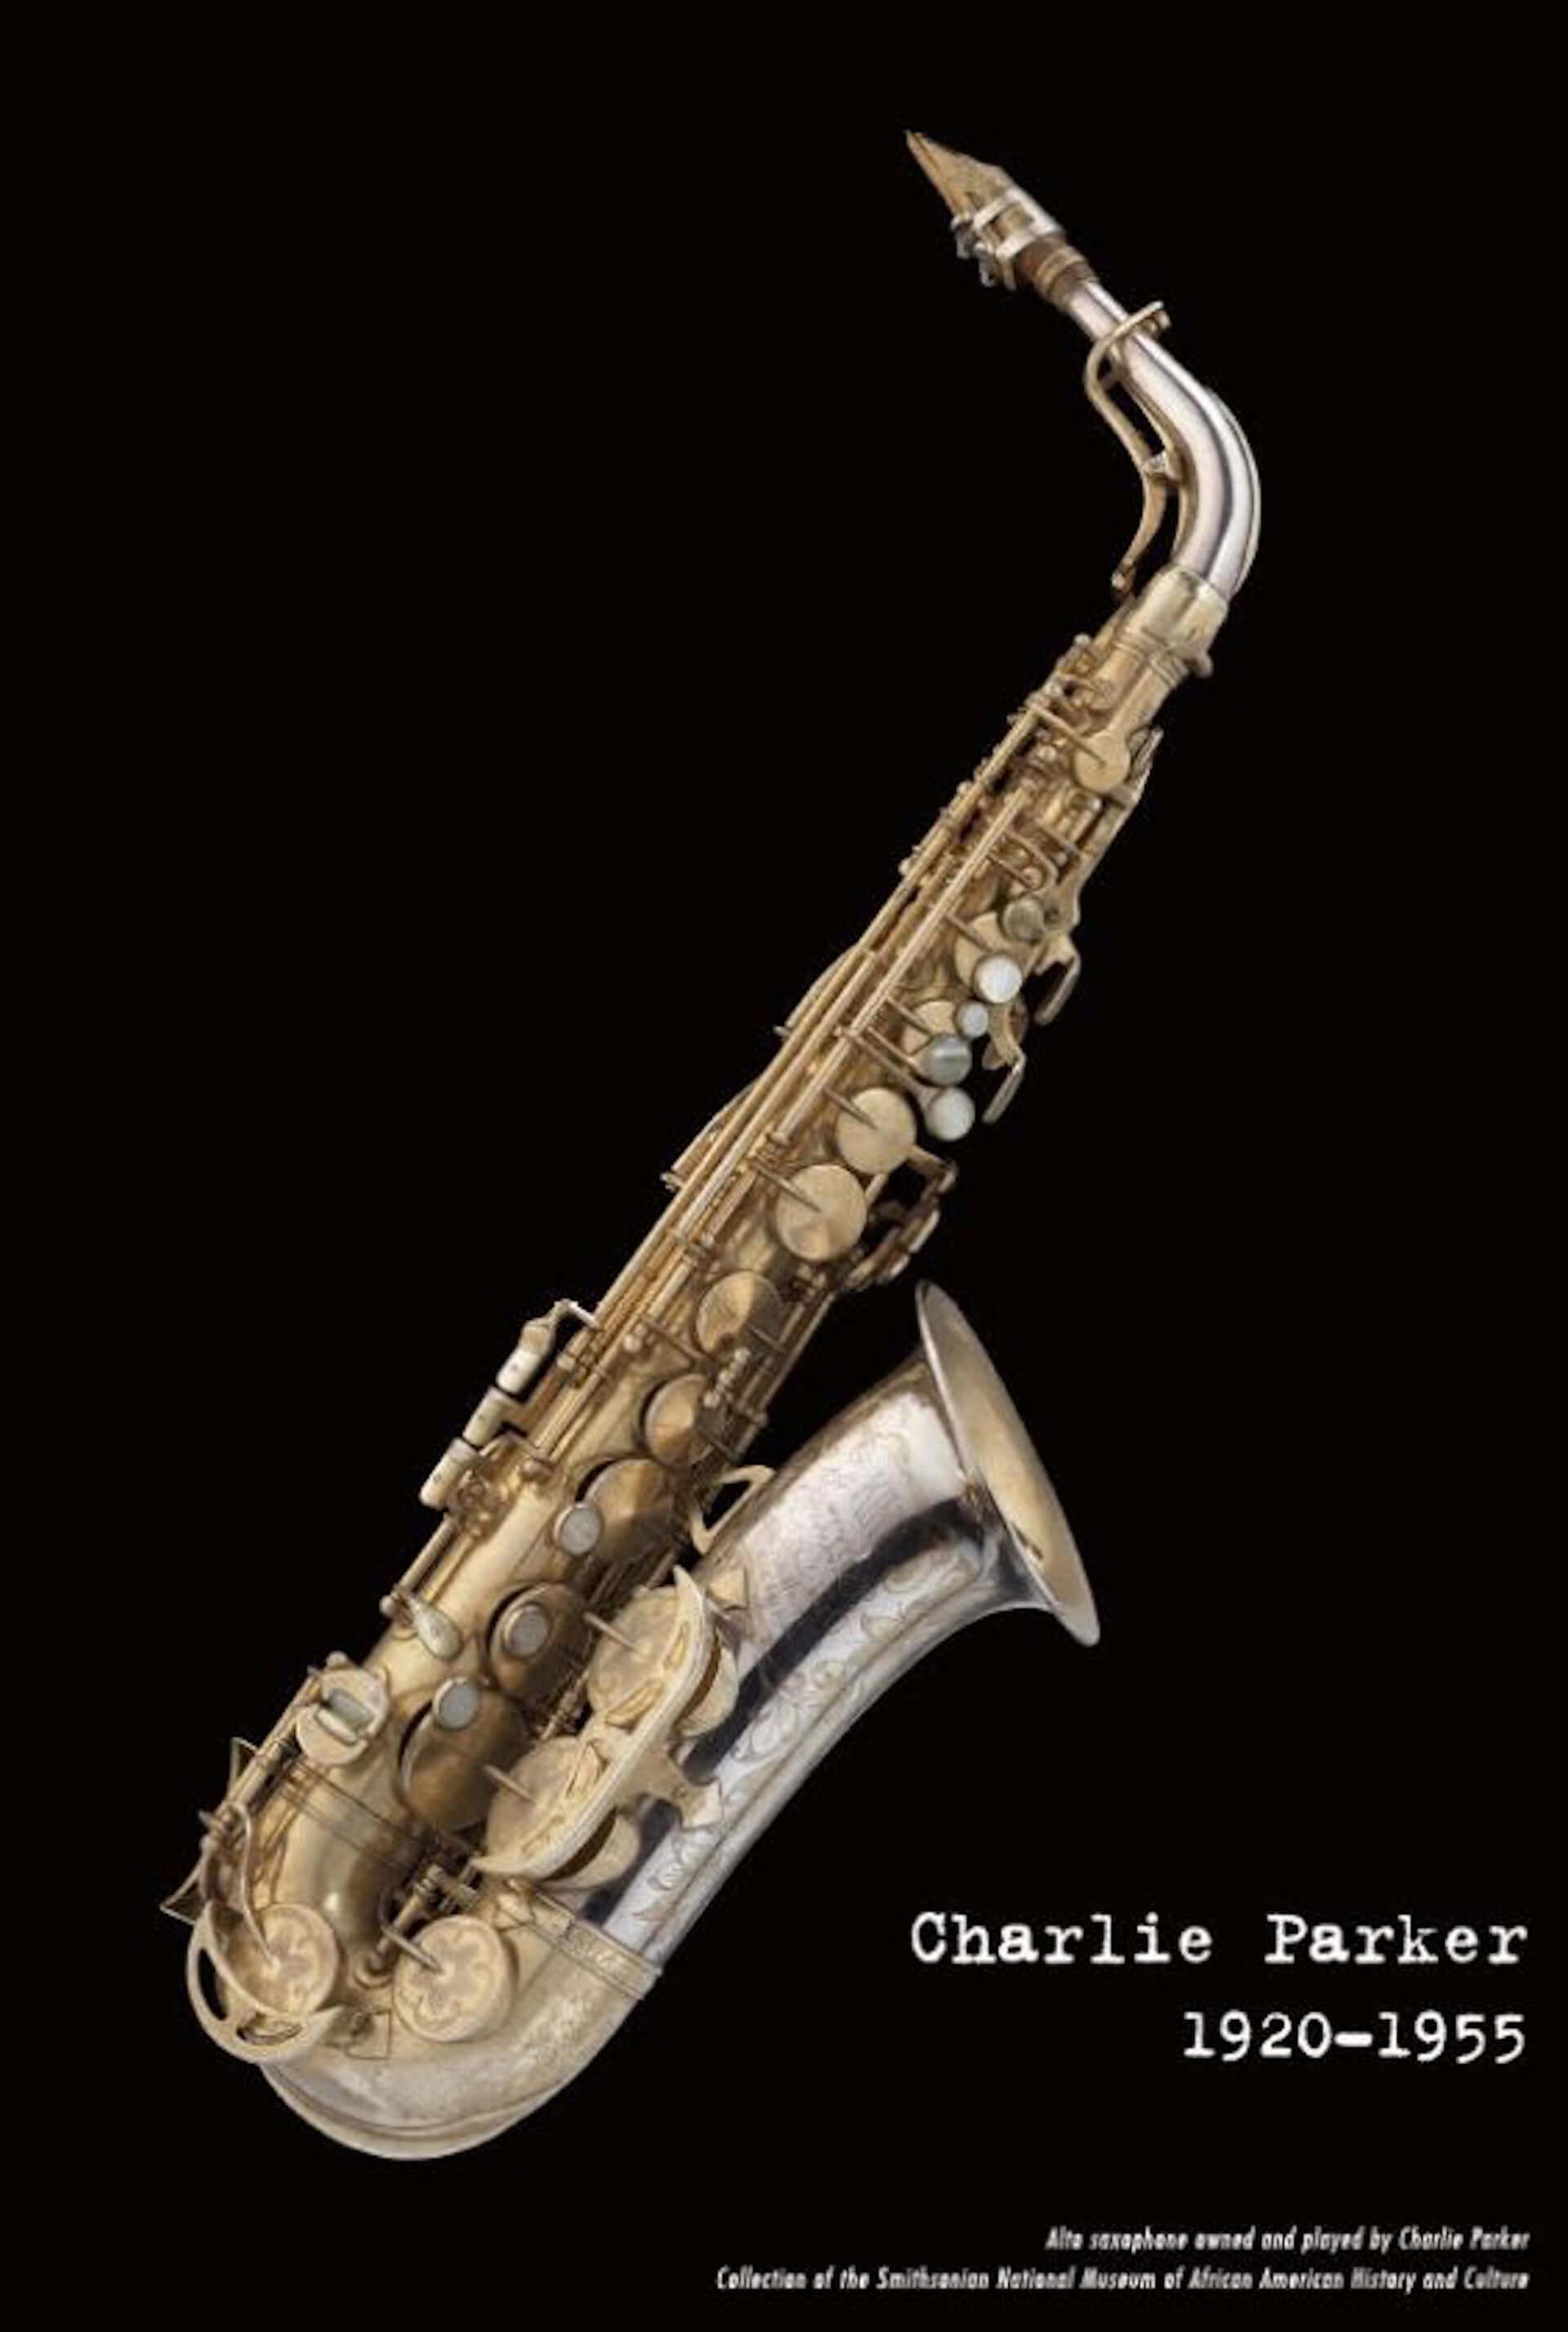 生誕100年を迎えたチャーリー・パーカーに迫る!書籍『バード チャーリー・パーカーの人生と音楽』刊行記念企画が開催決定|大友良英も参加 art201203_charlie-parker-event_1-1920x2855